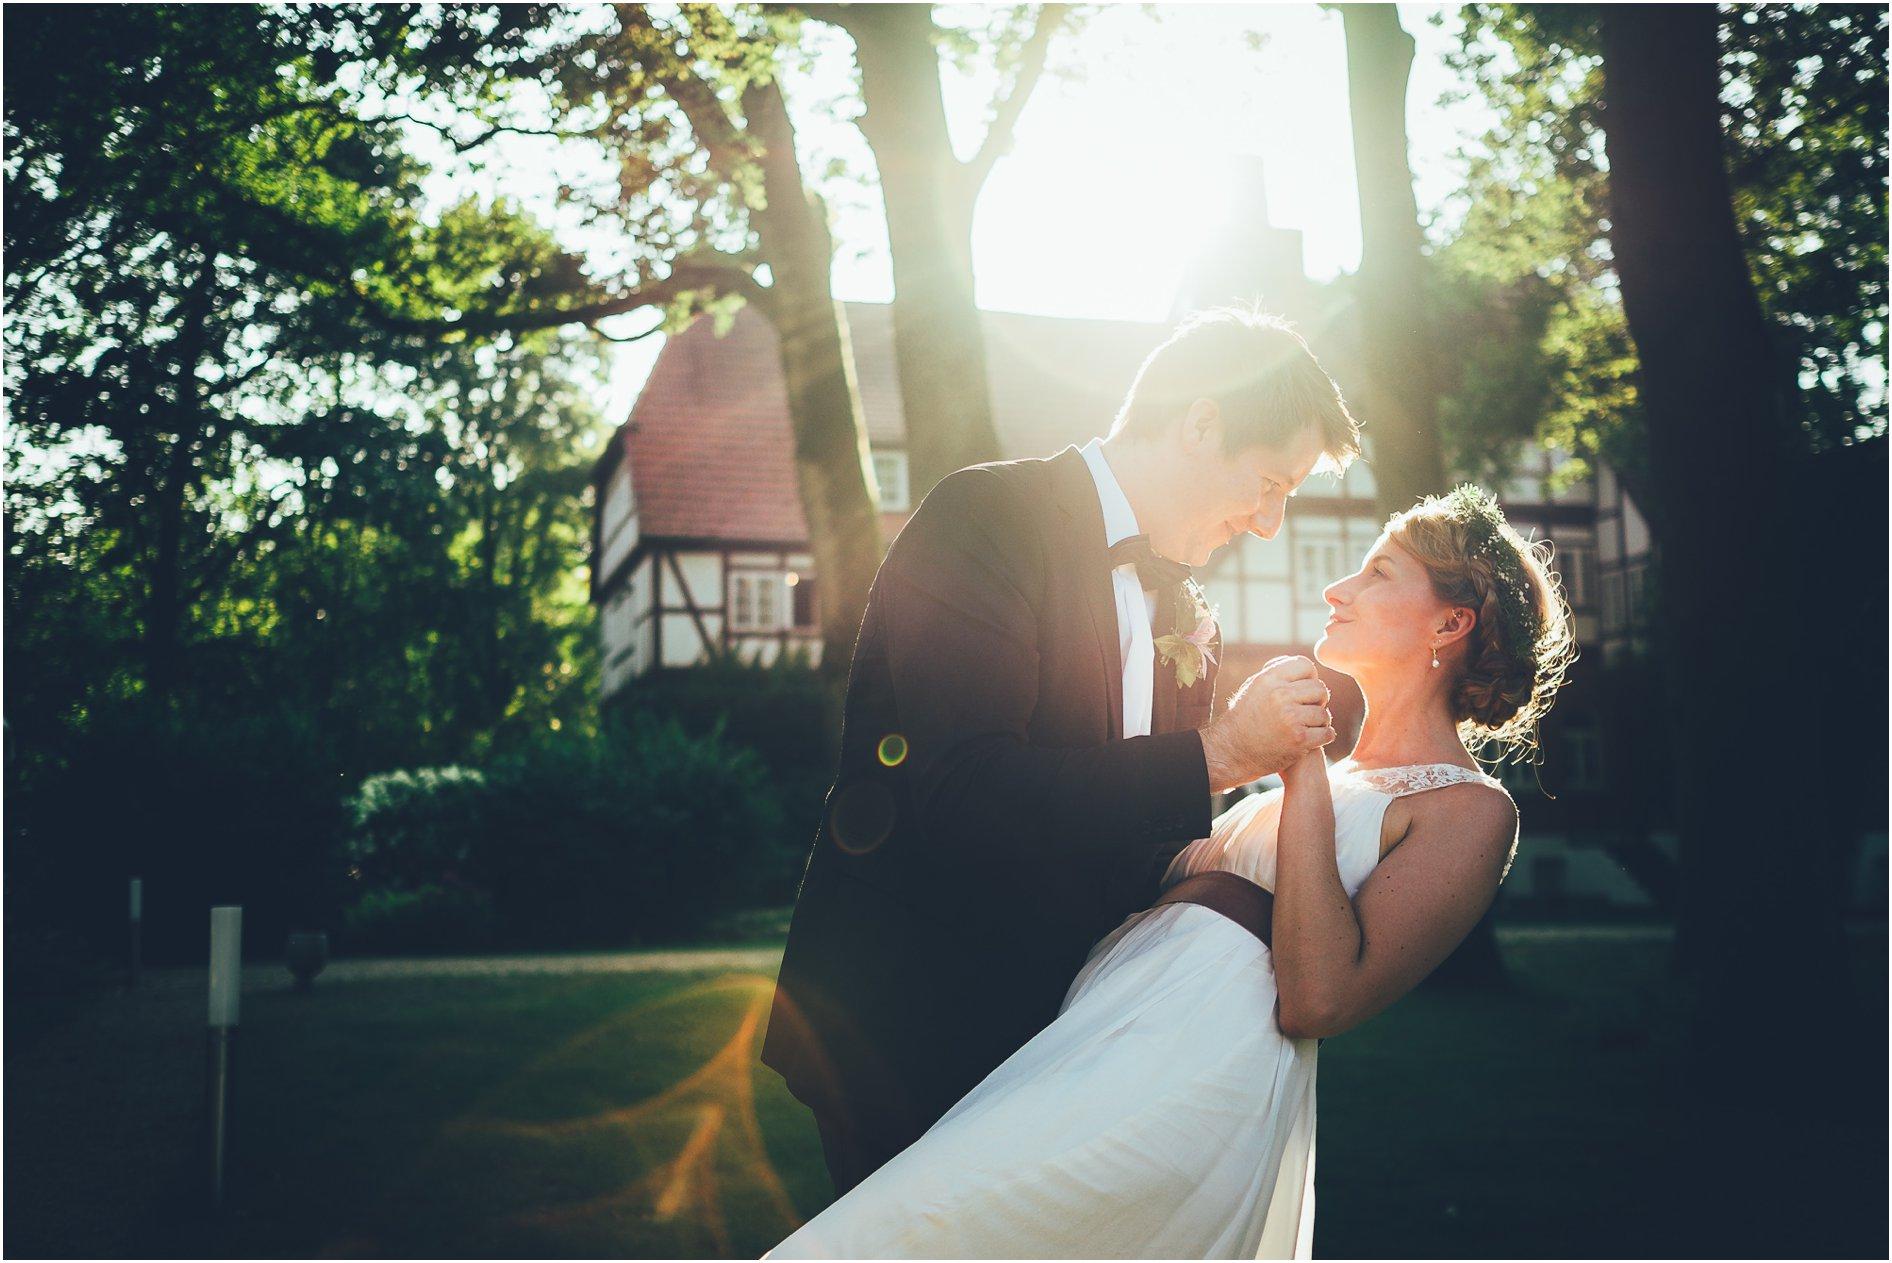 2014-10-13_0108 Jenny & Matthias - Hochzeitsfotograf auf Gut Bardenhagen